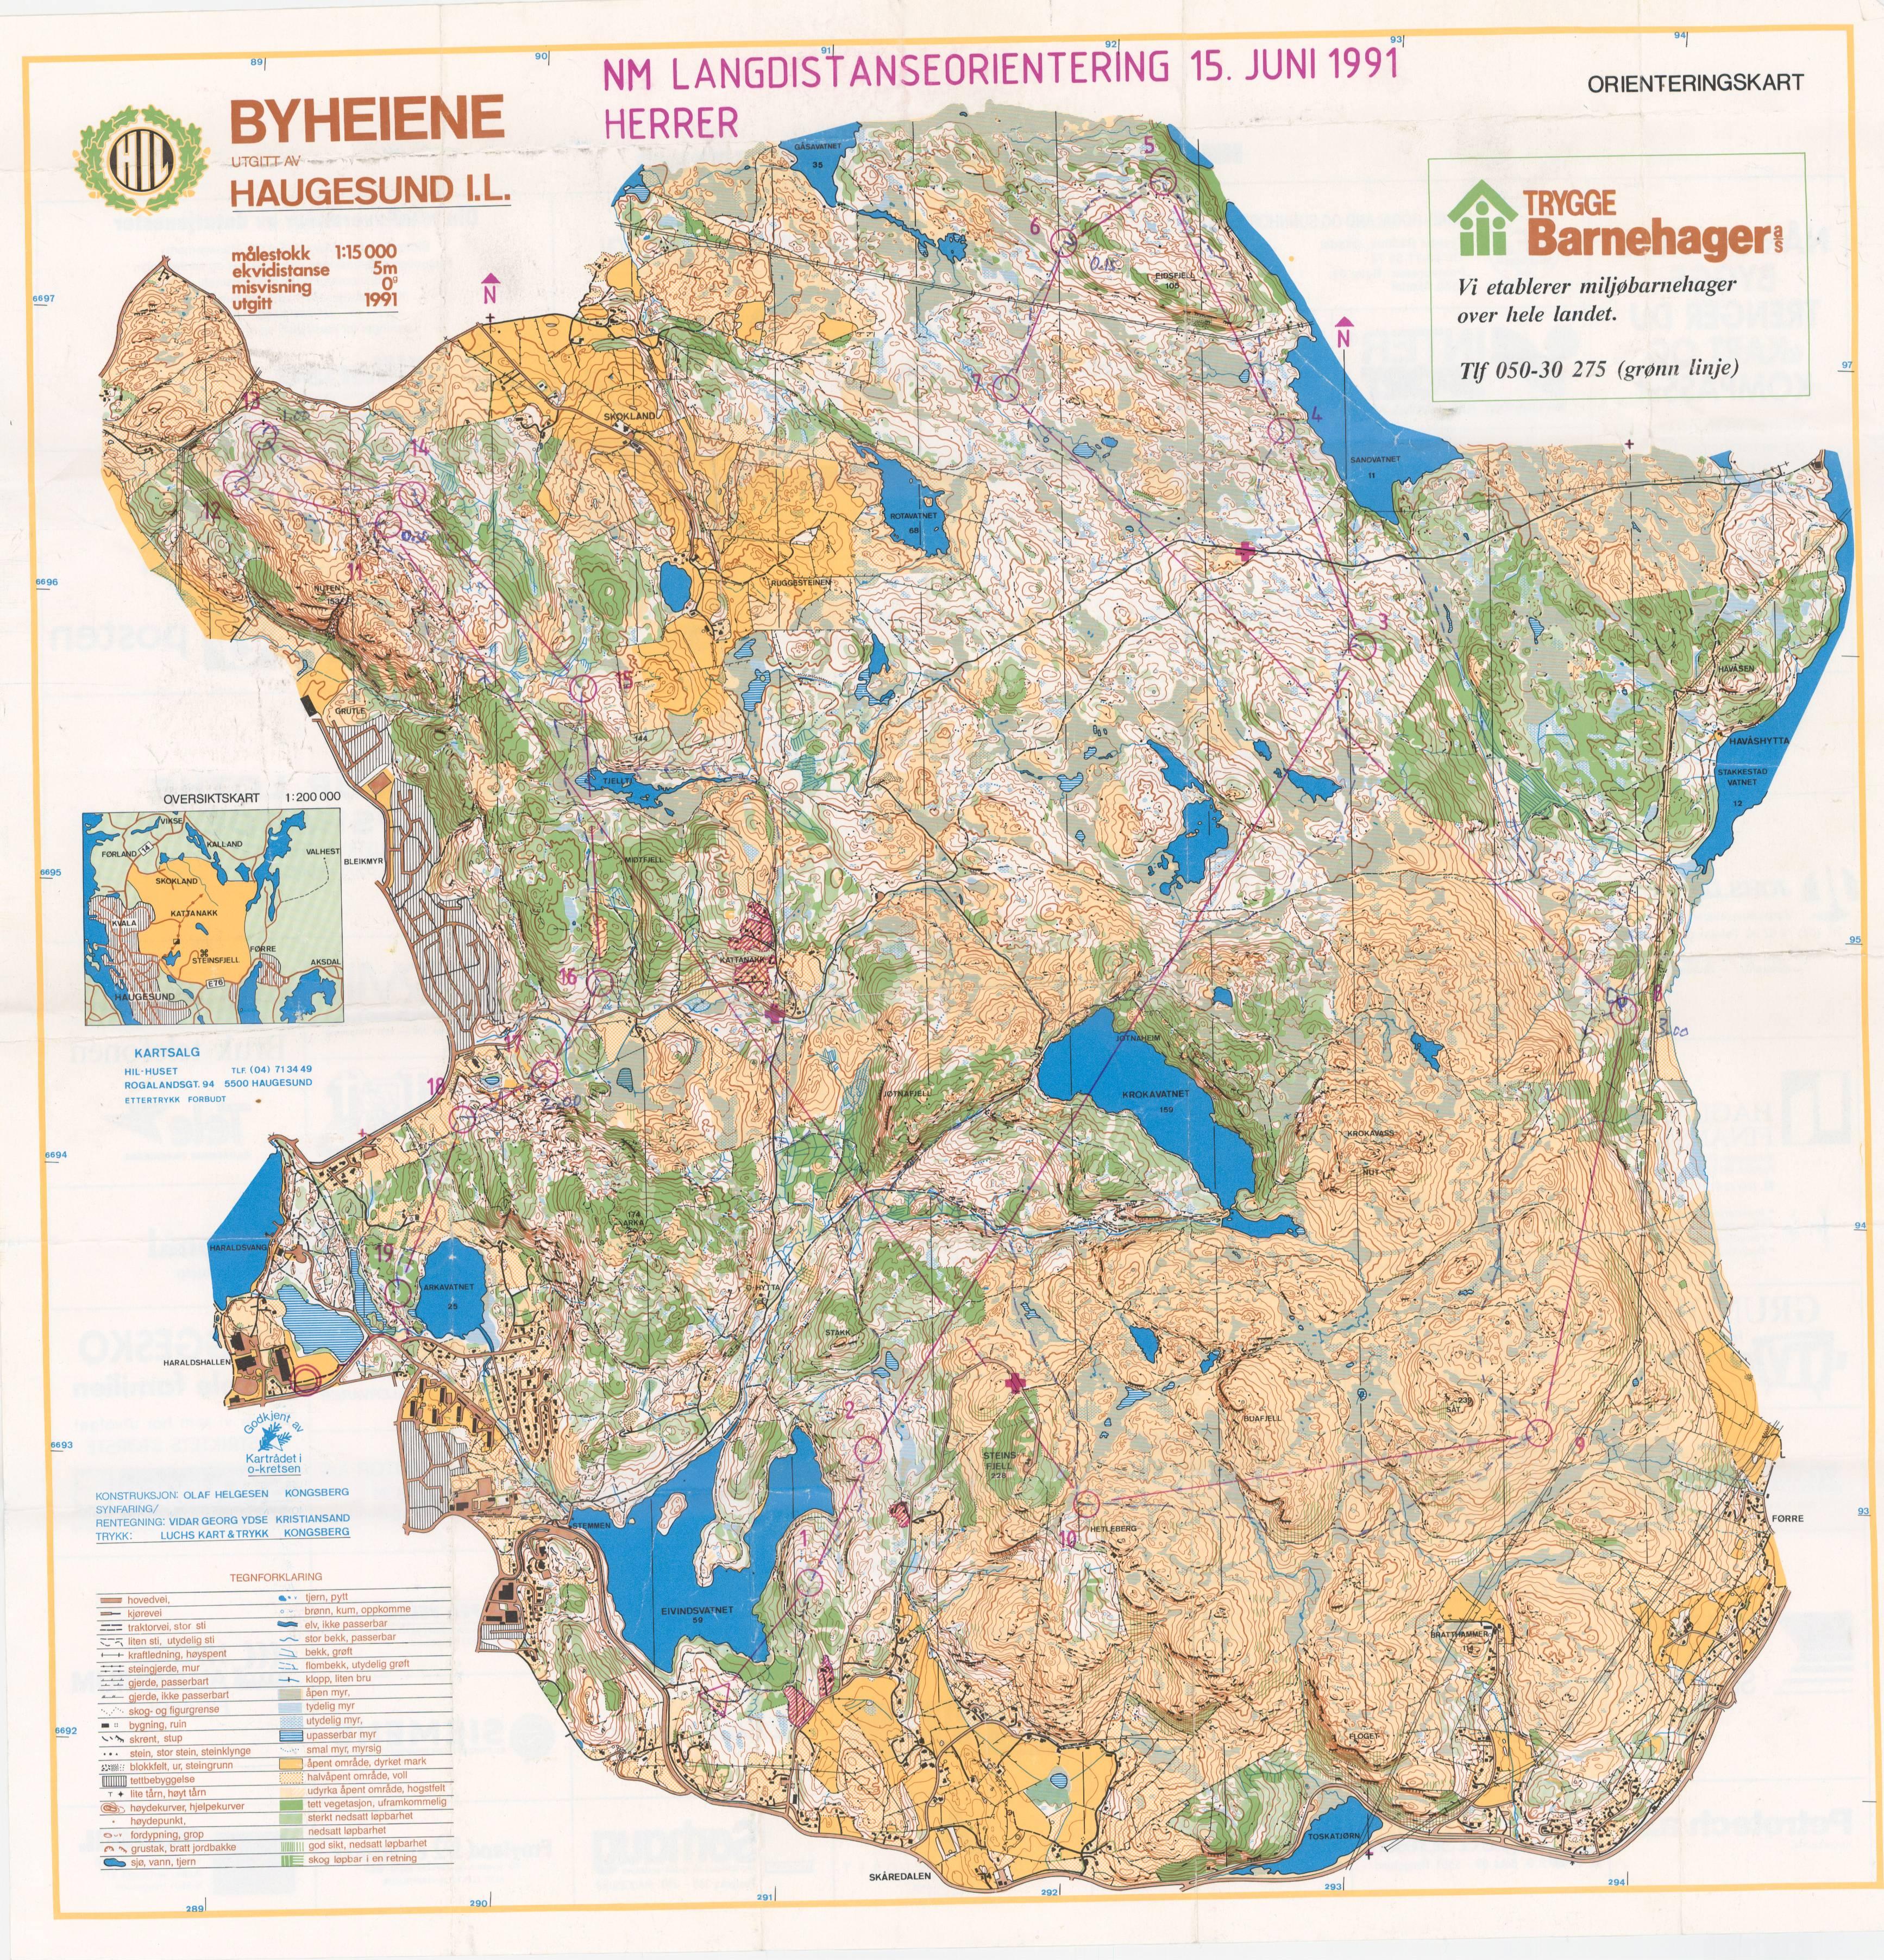 byheiene haugesund kart Digitalt Kartarkiv :: NM Lang (15.06.1991) byheiene haugesund kart